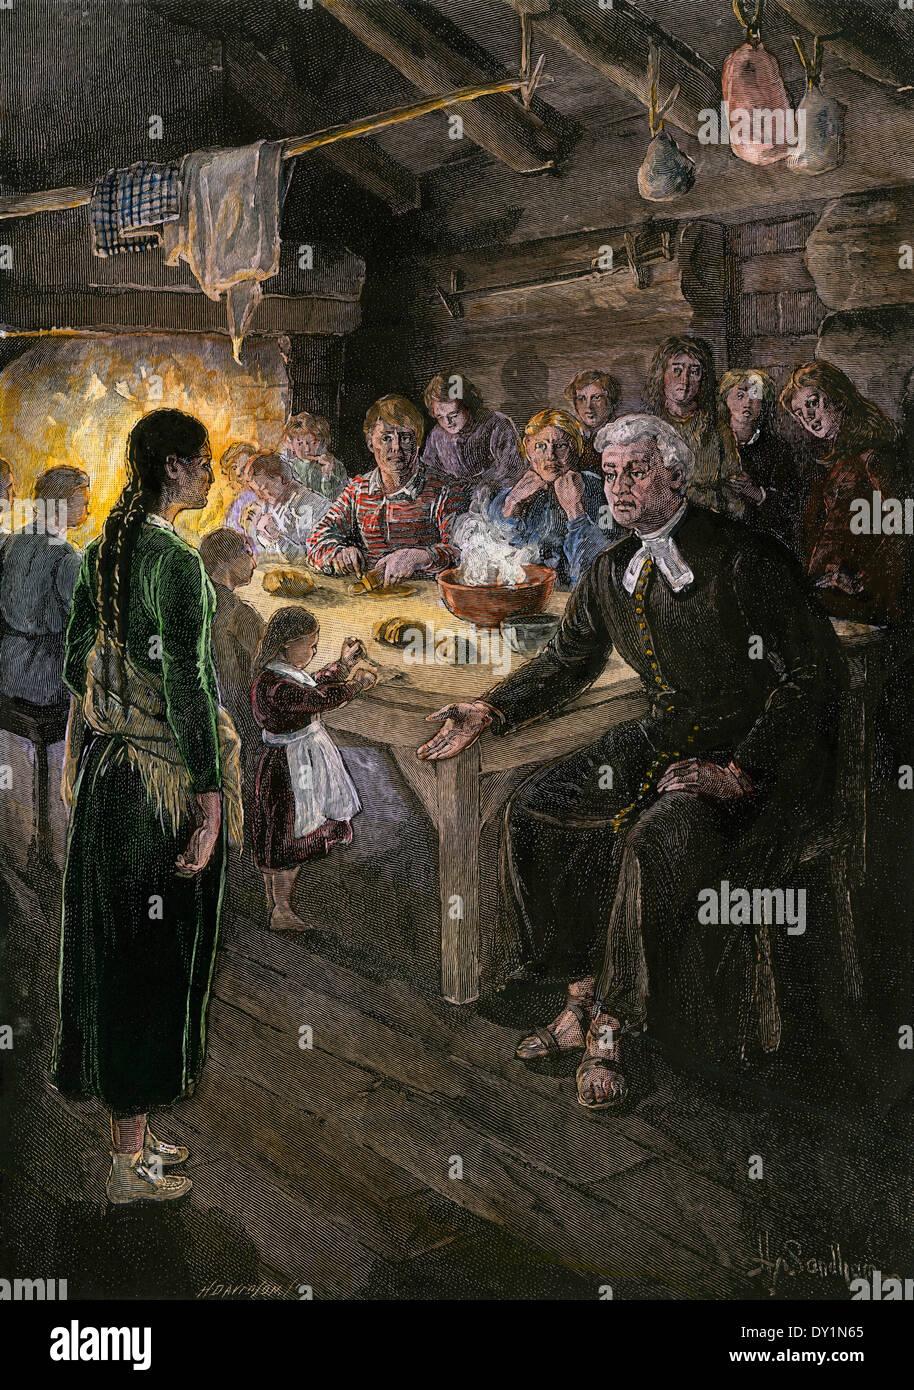 Kanadischen Siedlern versammelten sich zu einer gemeinsamen Mahlzeit, 1800 s. Stockbild